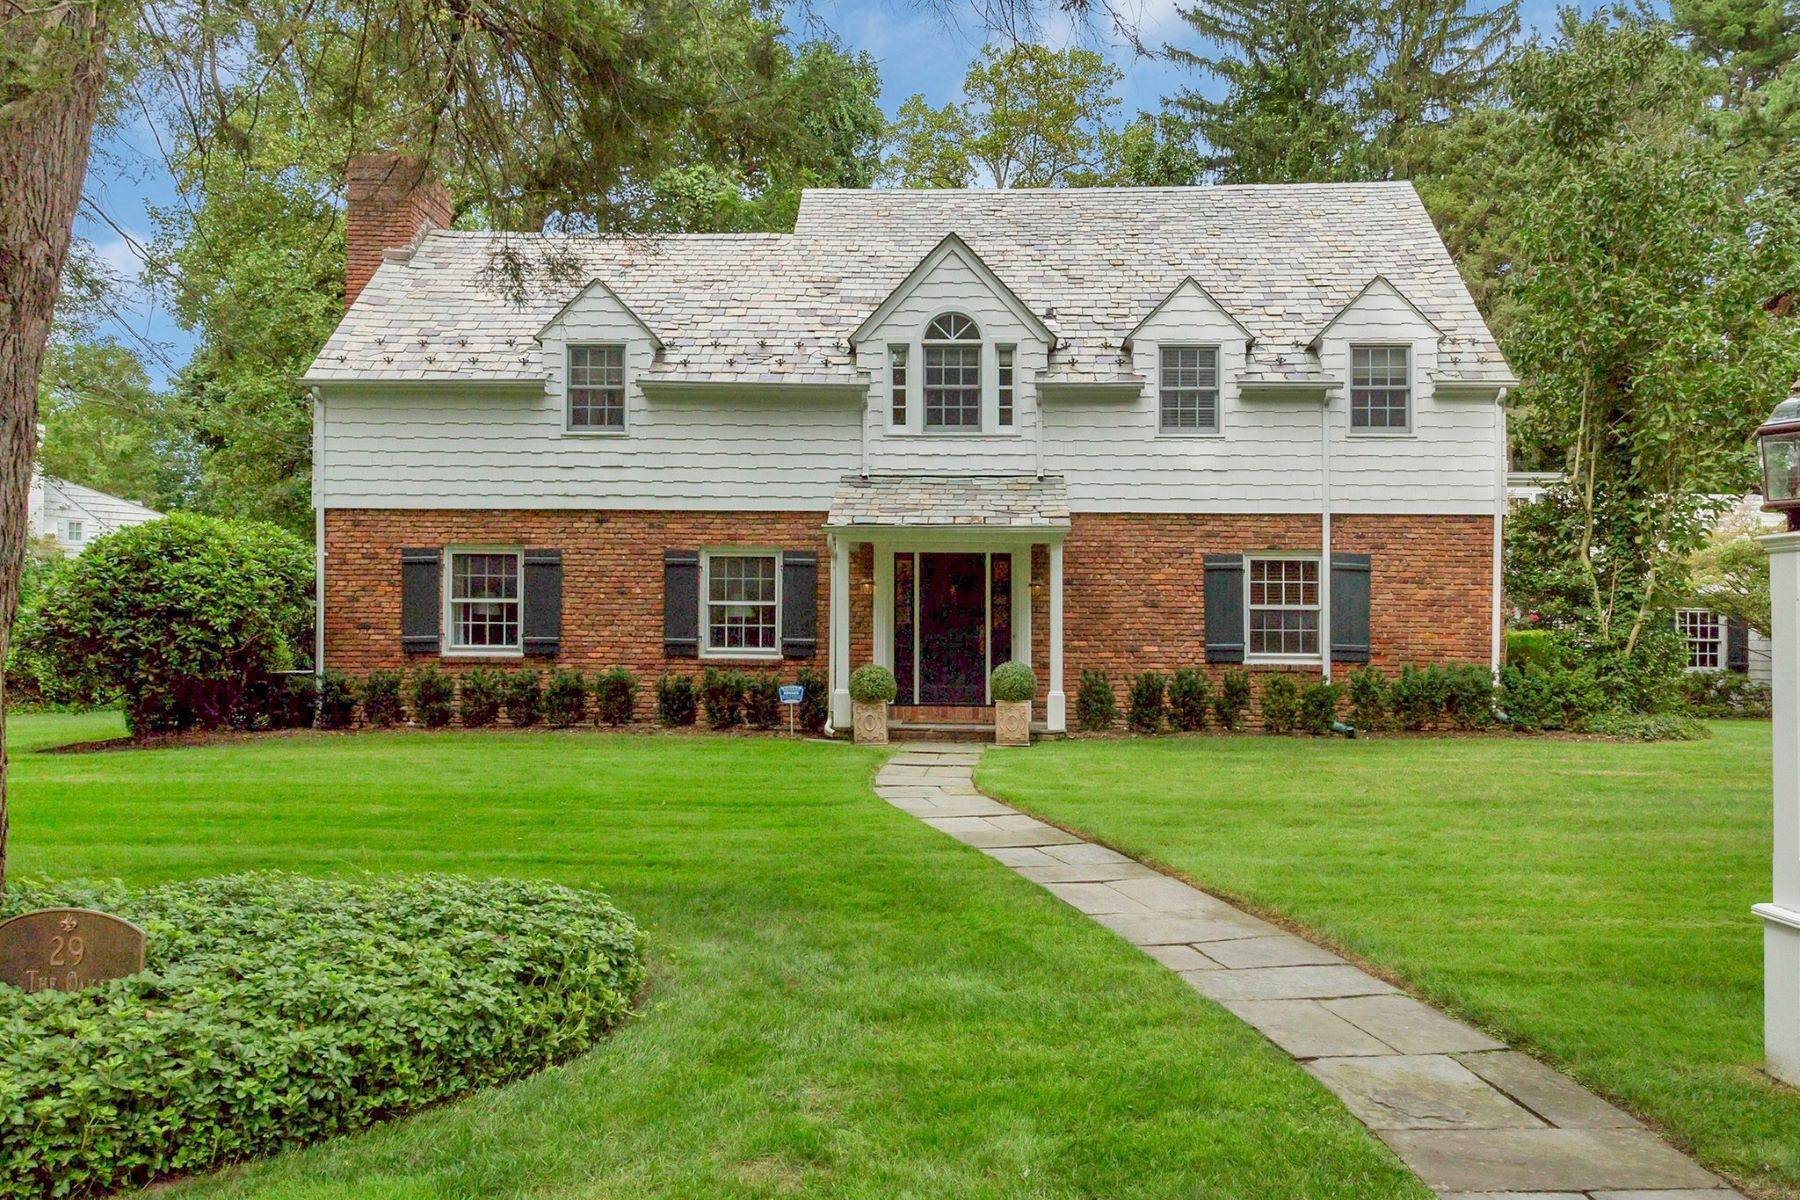 Single Family Homes för Försäljning vid Roslyn Estates 29 The Oaks, Roslyn Estates, New York 11576 Förenta staterna